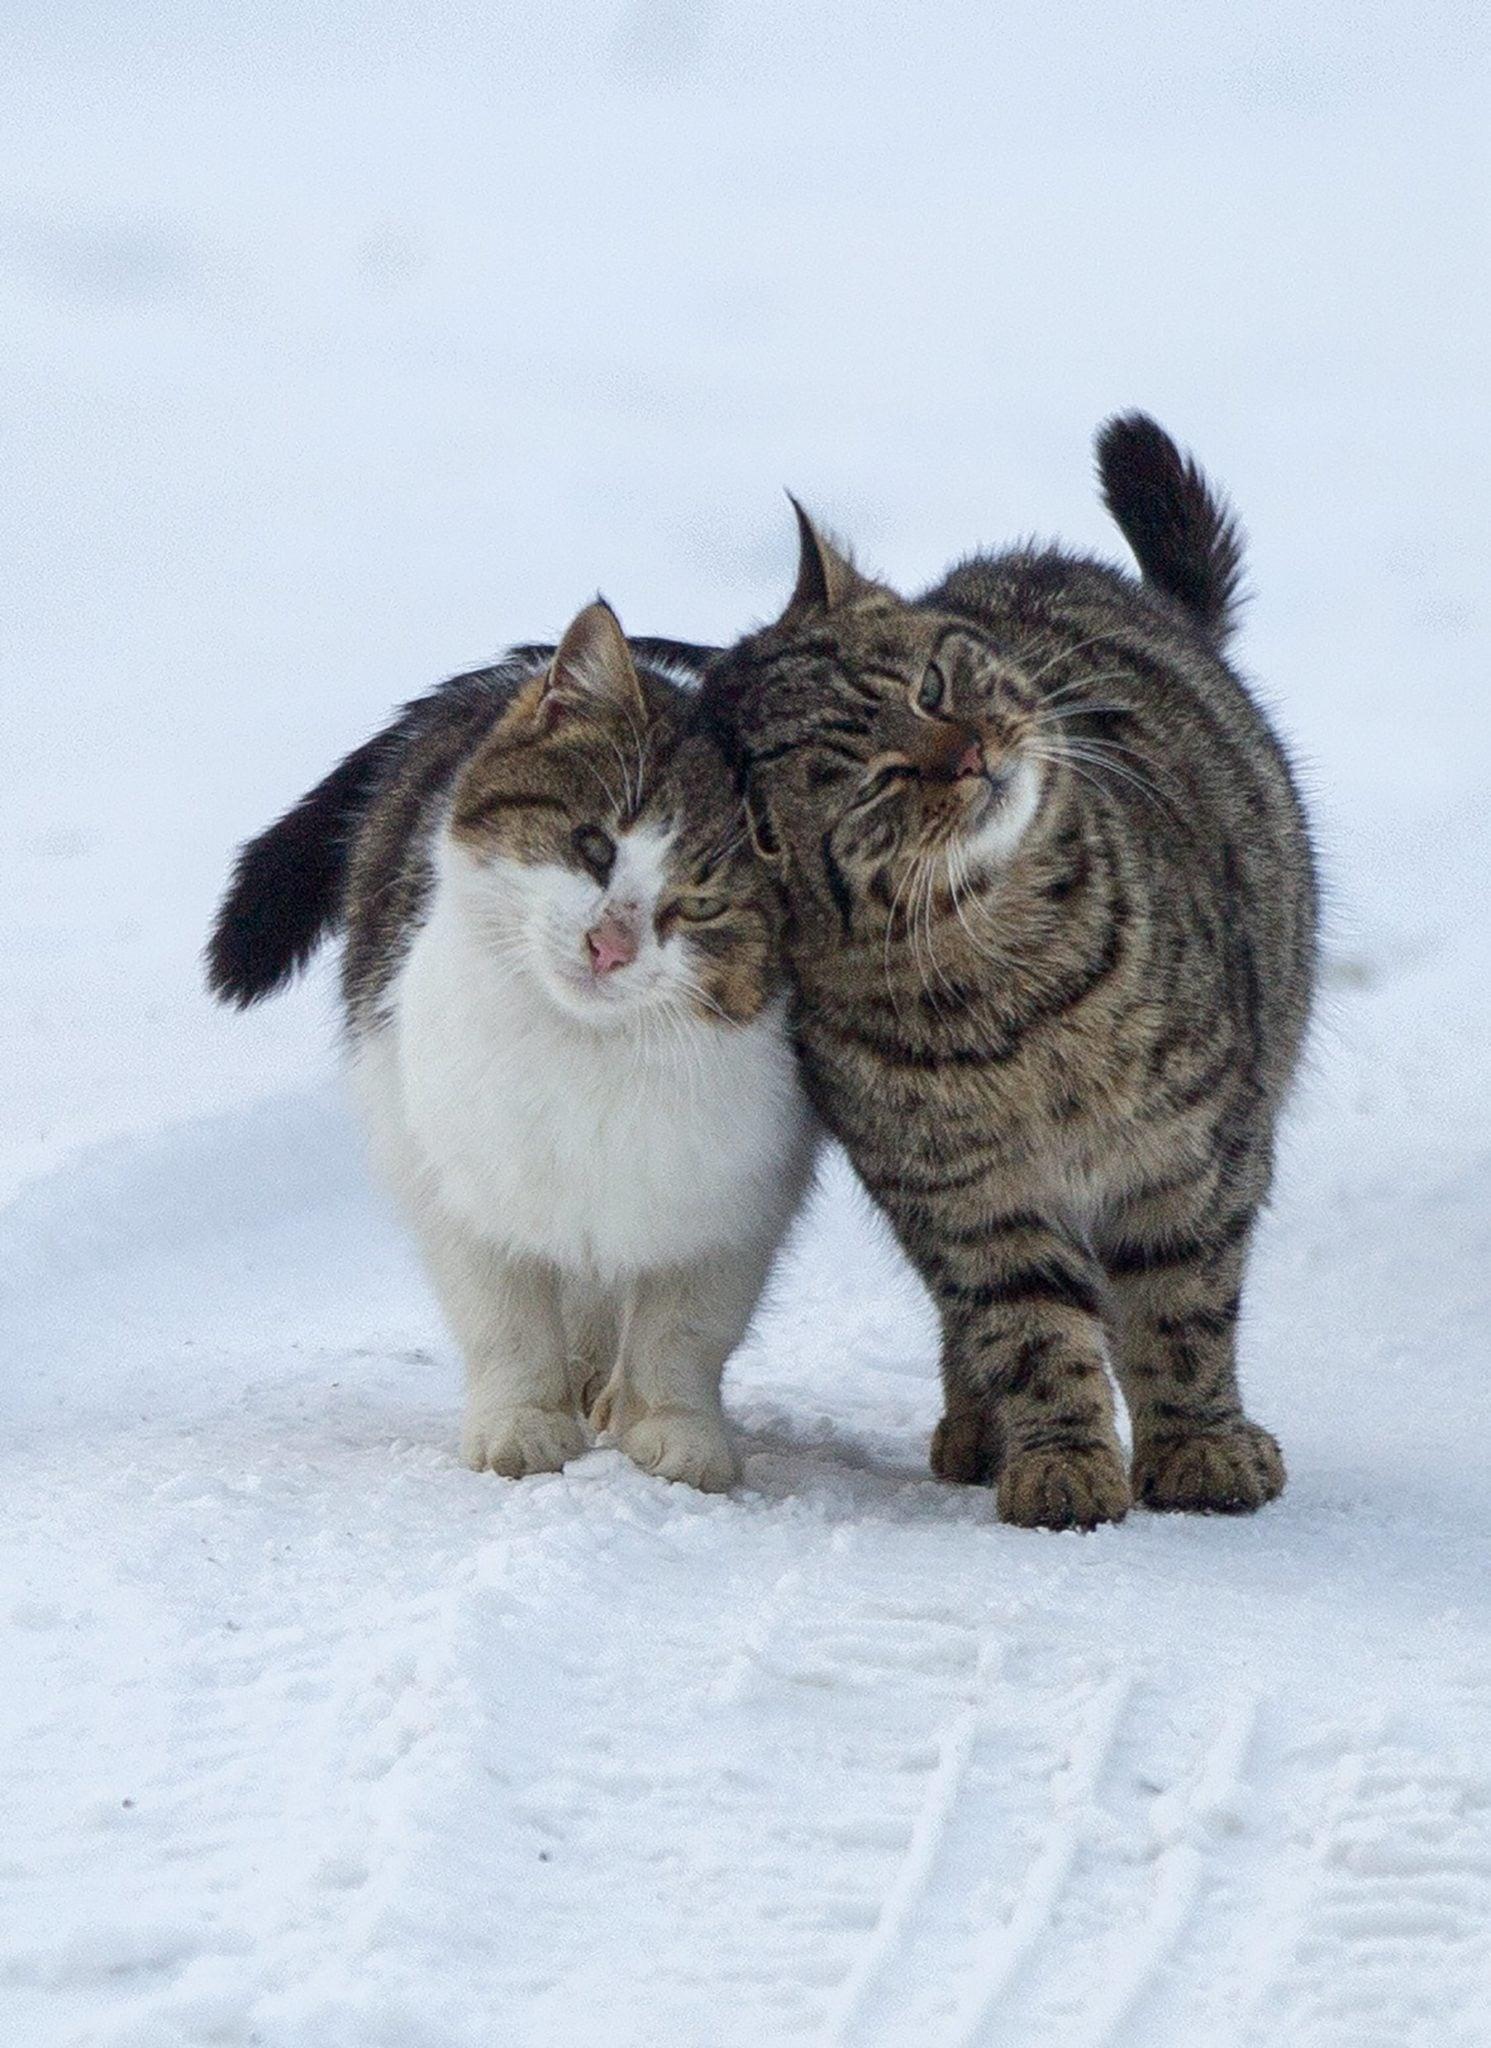 Mołdawia: dwa koty w pobliżu zamarzniętego jeziora